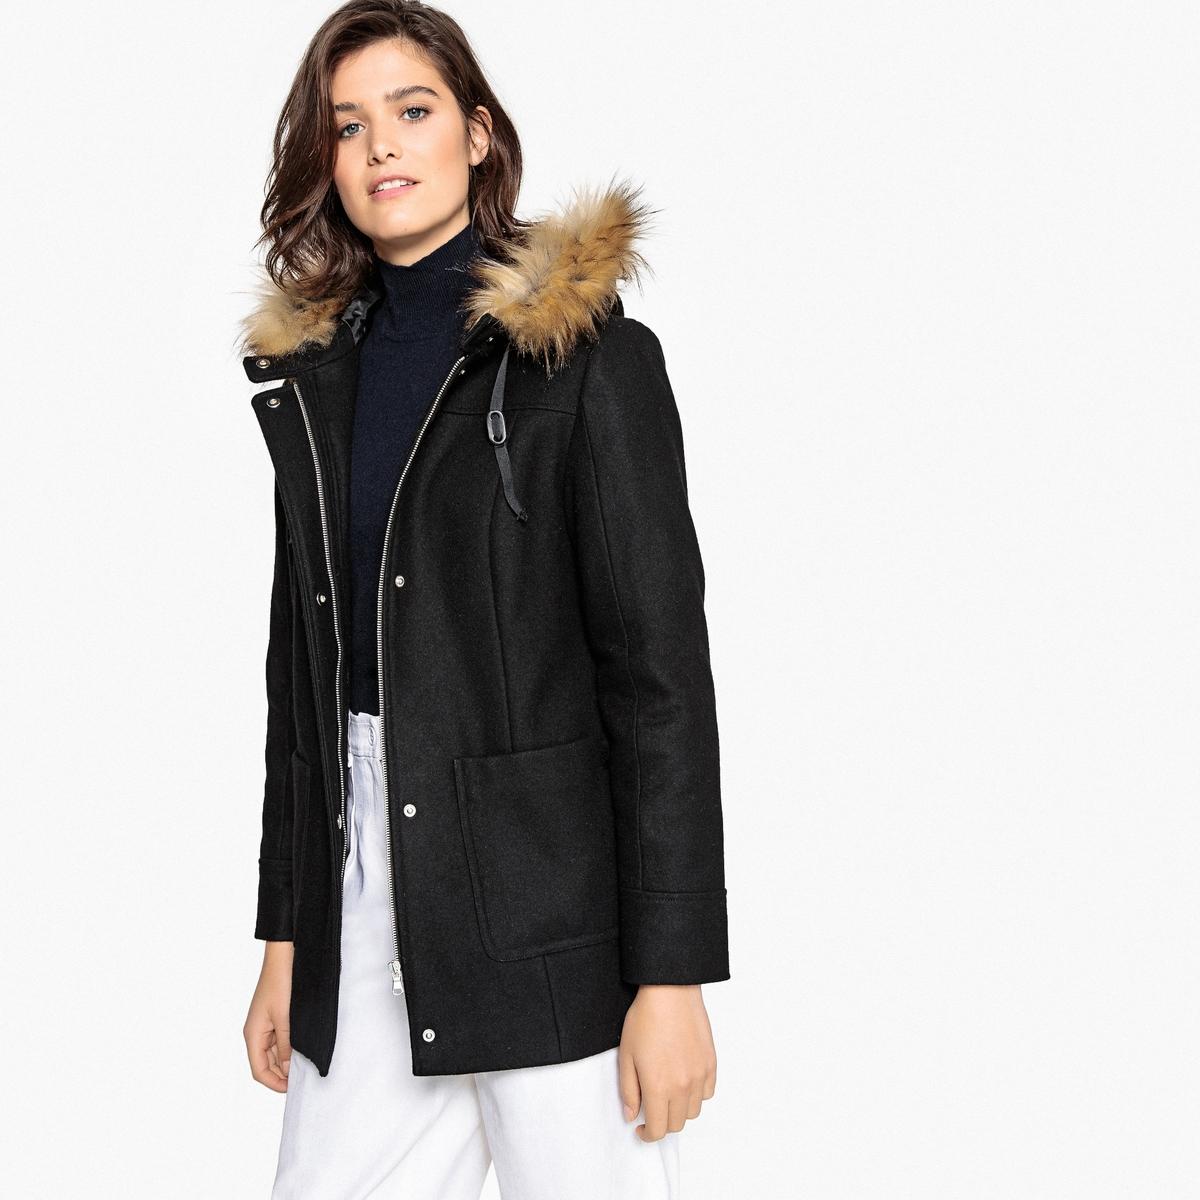 Пальто на молнии с капюшоном из полушерстяной ткани пальто из шерстяного драпа 70